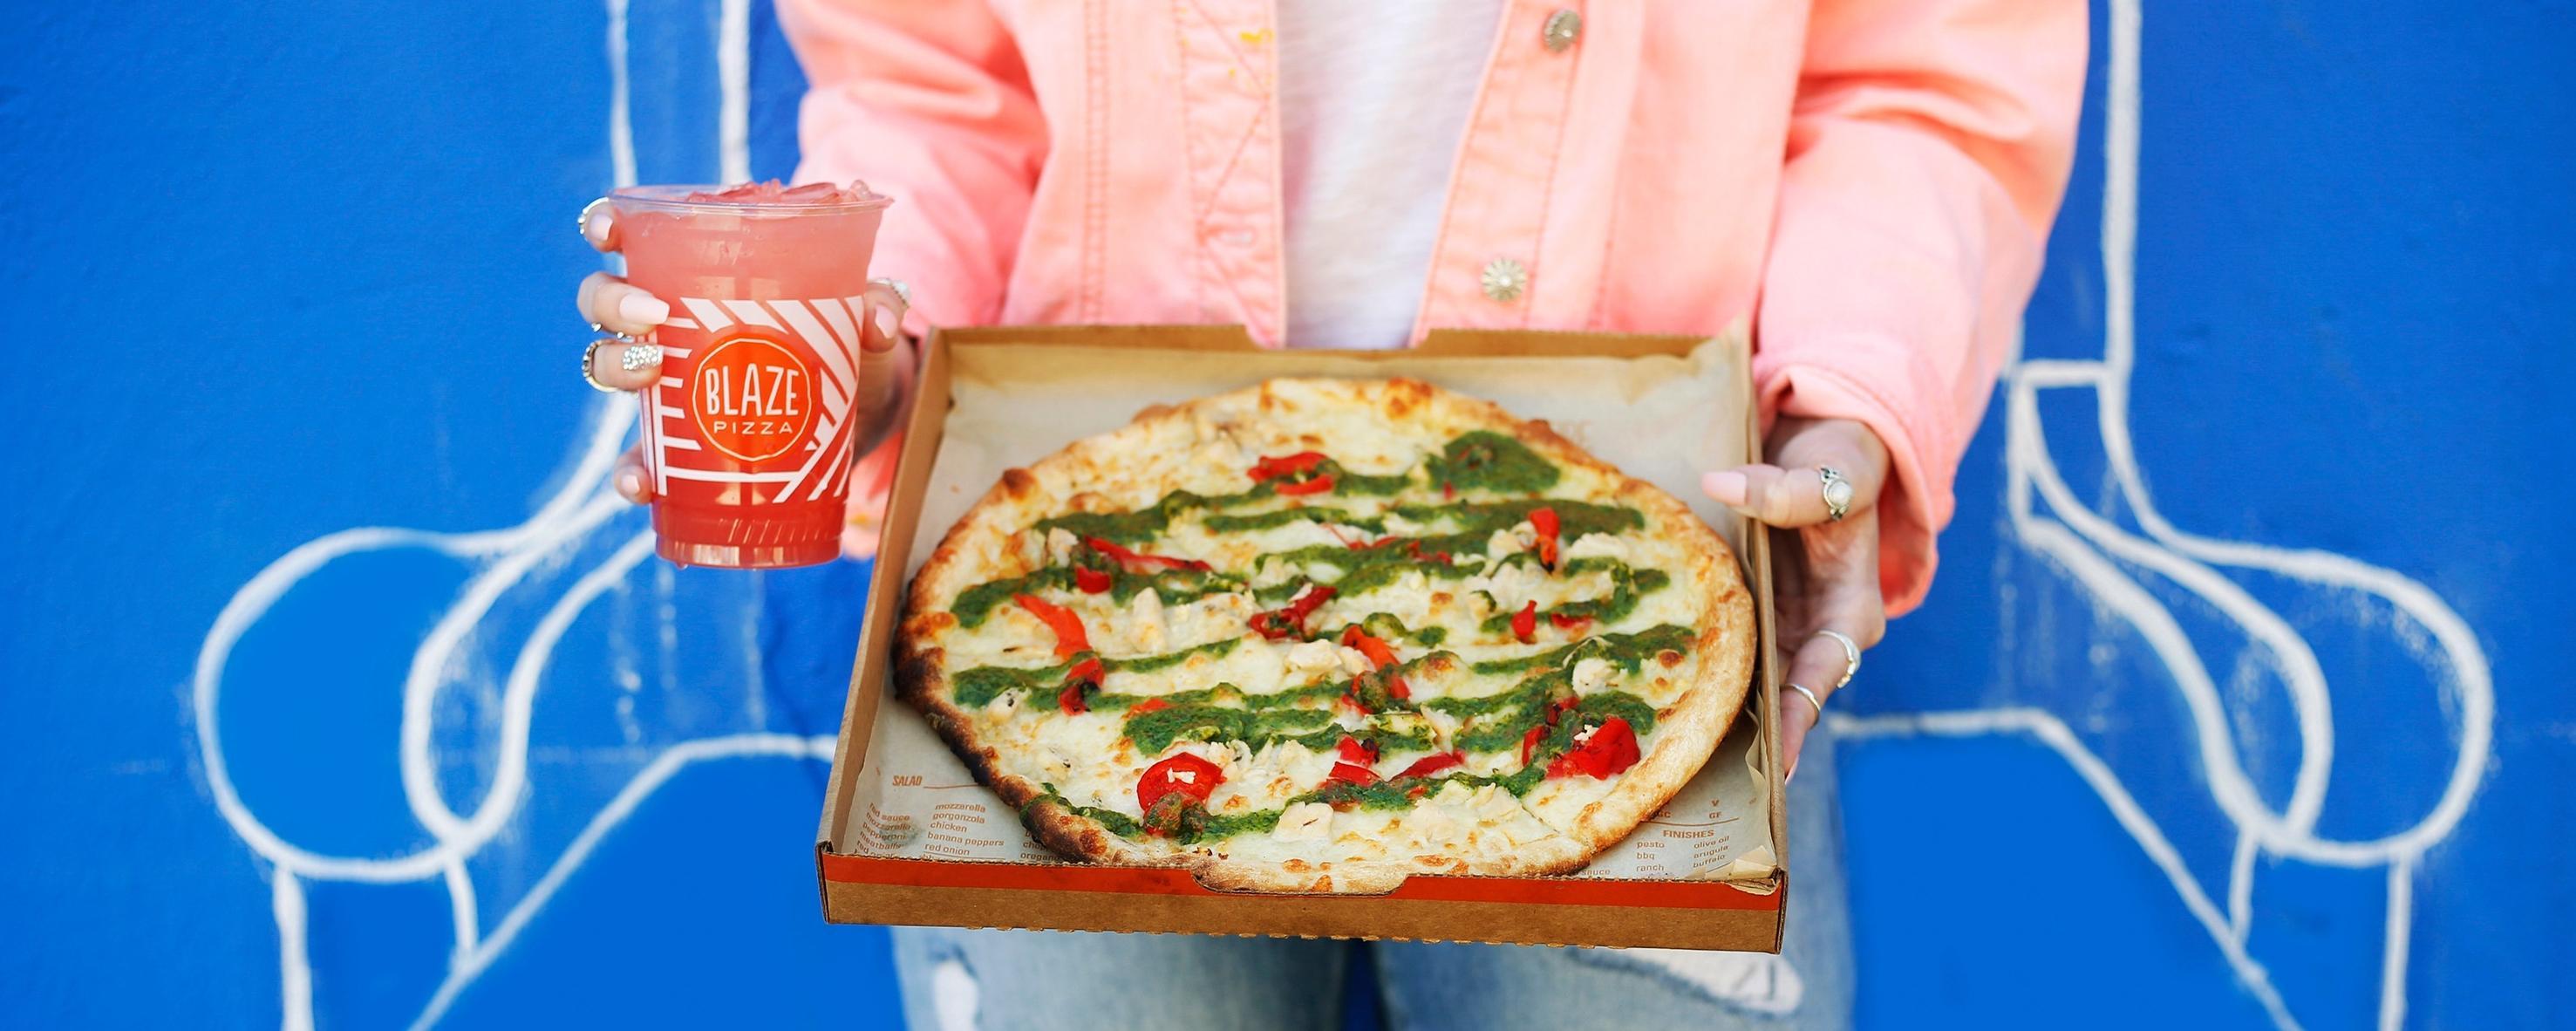 Blaze Pizza - Niles Brand Cover